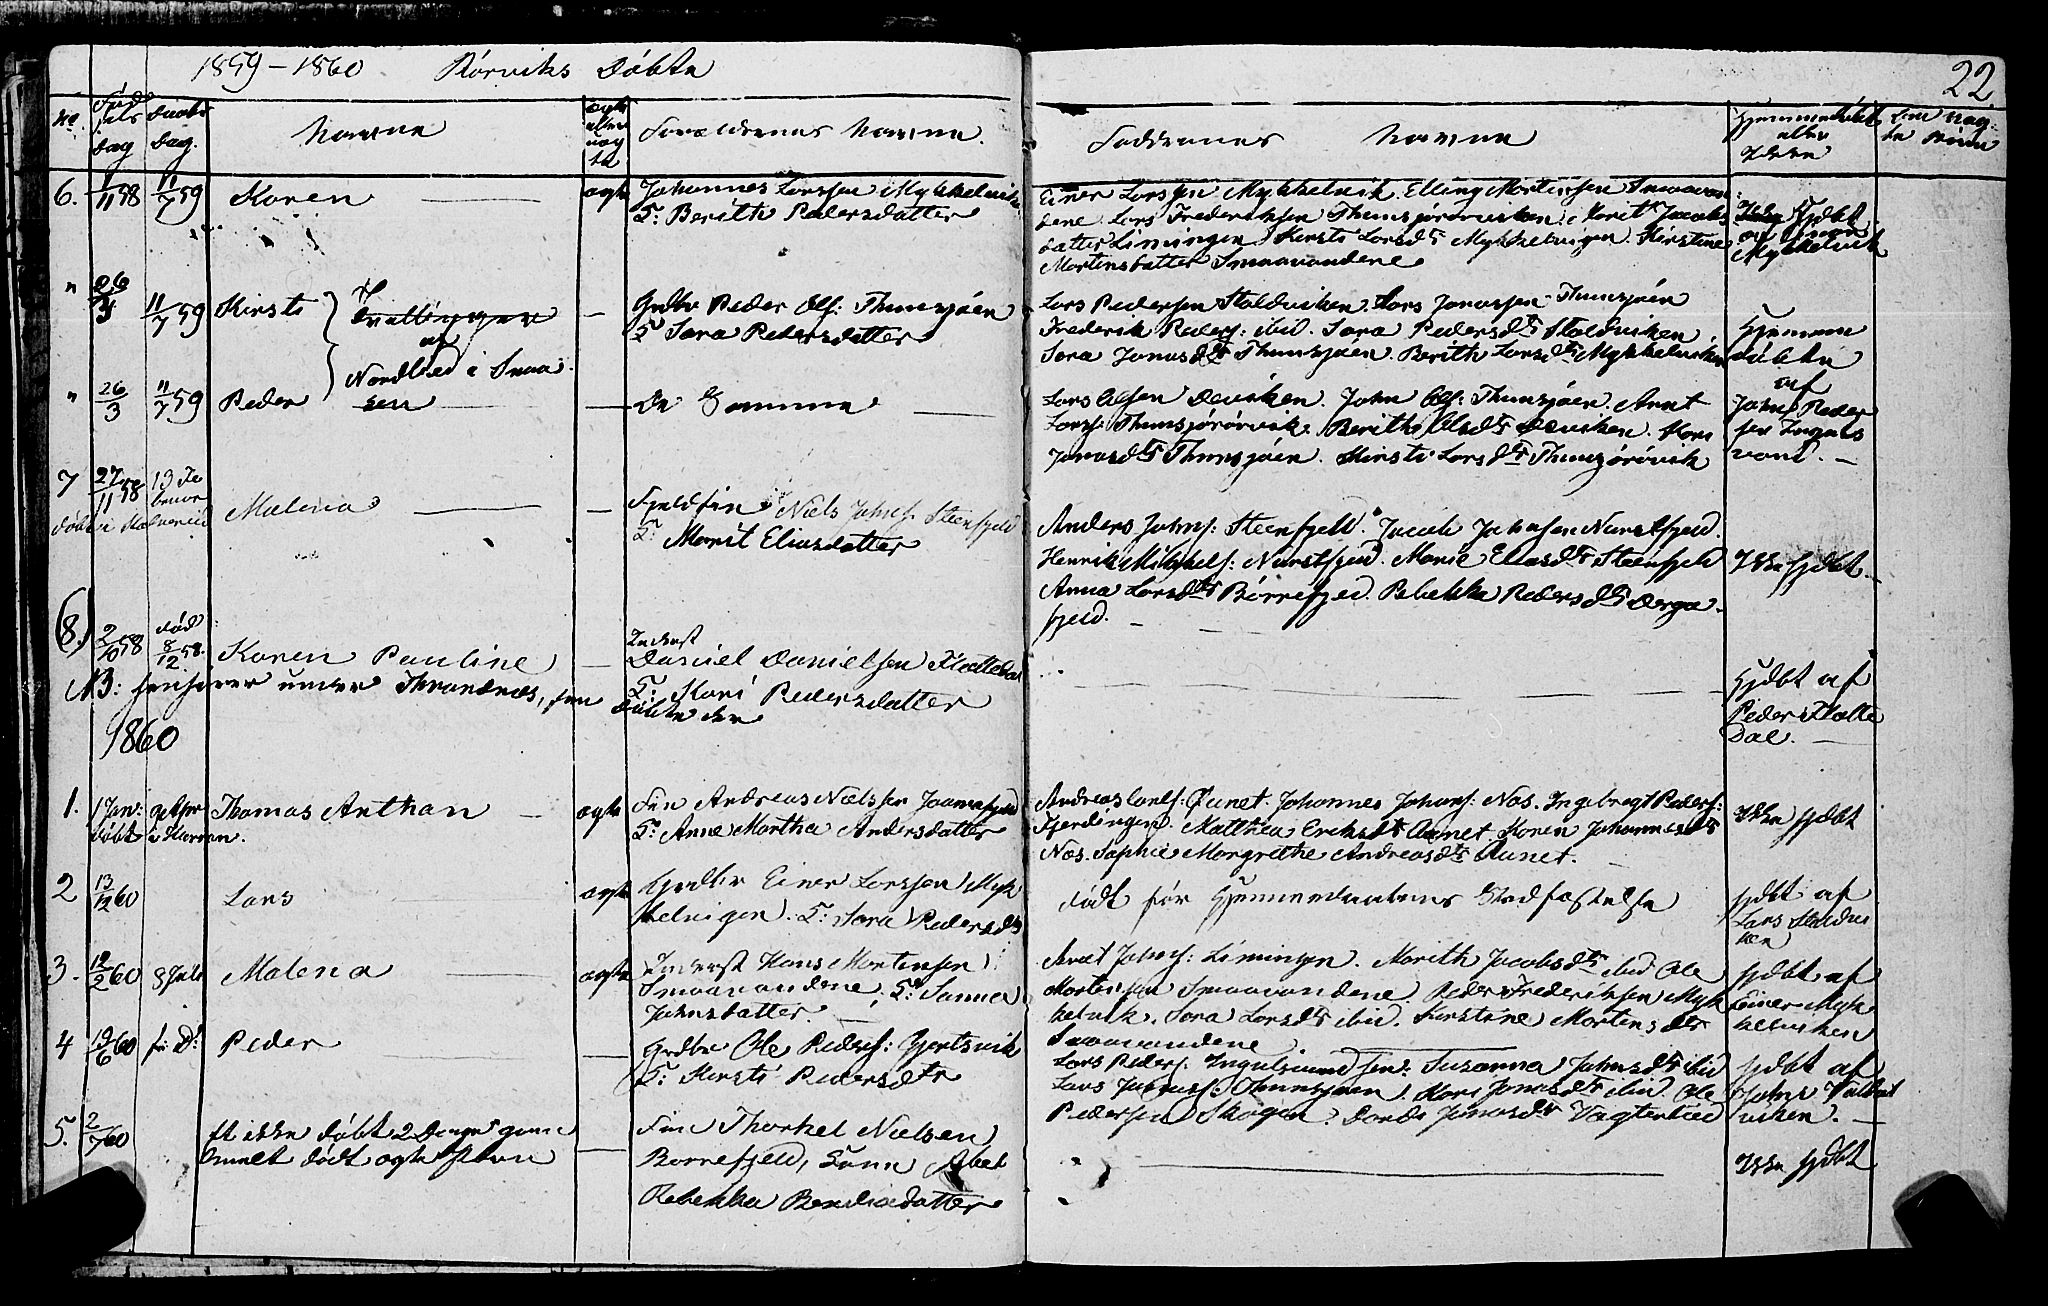 SAT, Ministerialprotokoller, klokkerbøker og fødselsregistre - Nord-Trøndelag, 762/L0538: Ministerialbok nr. 762A02 /1, 1833-1879, s. 22